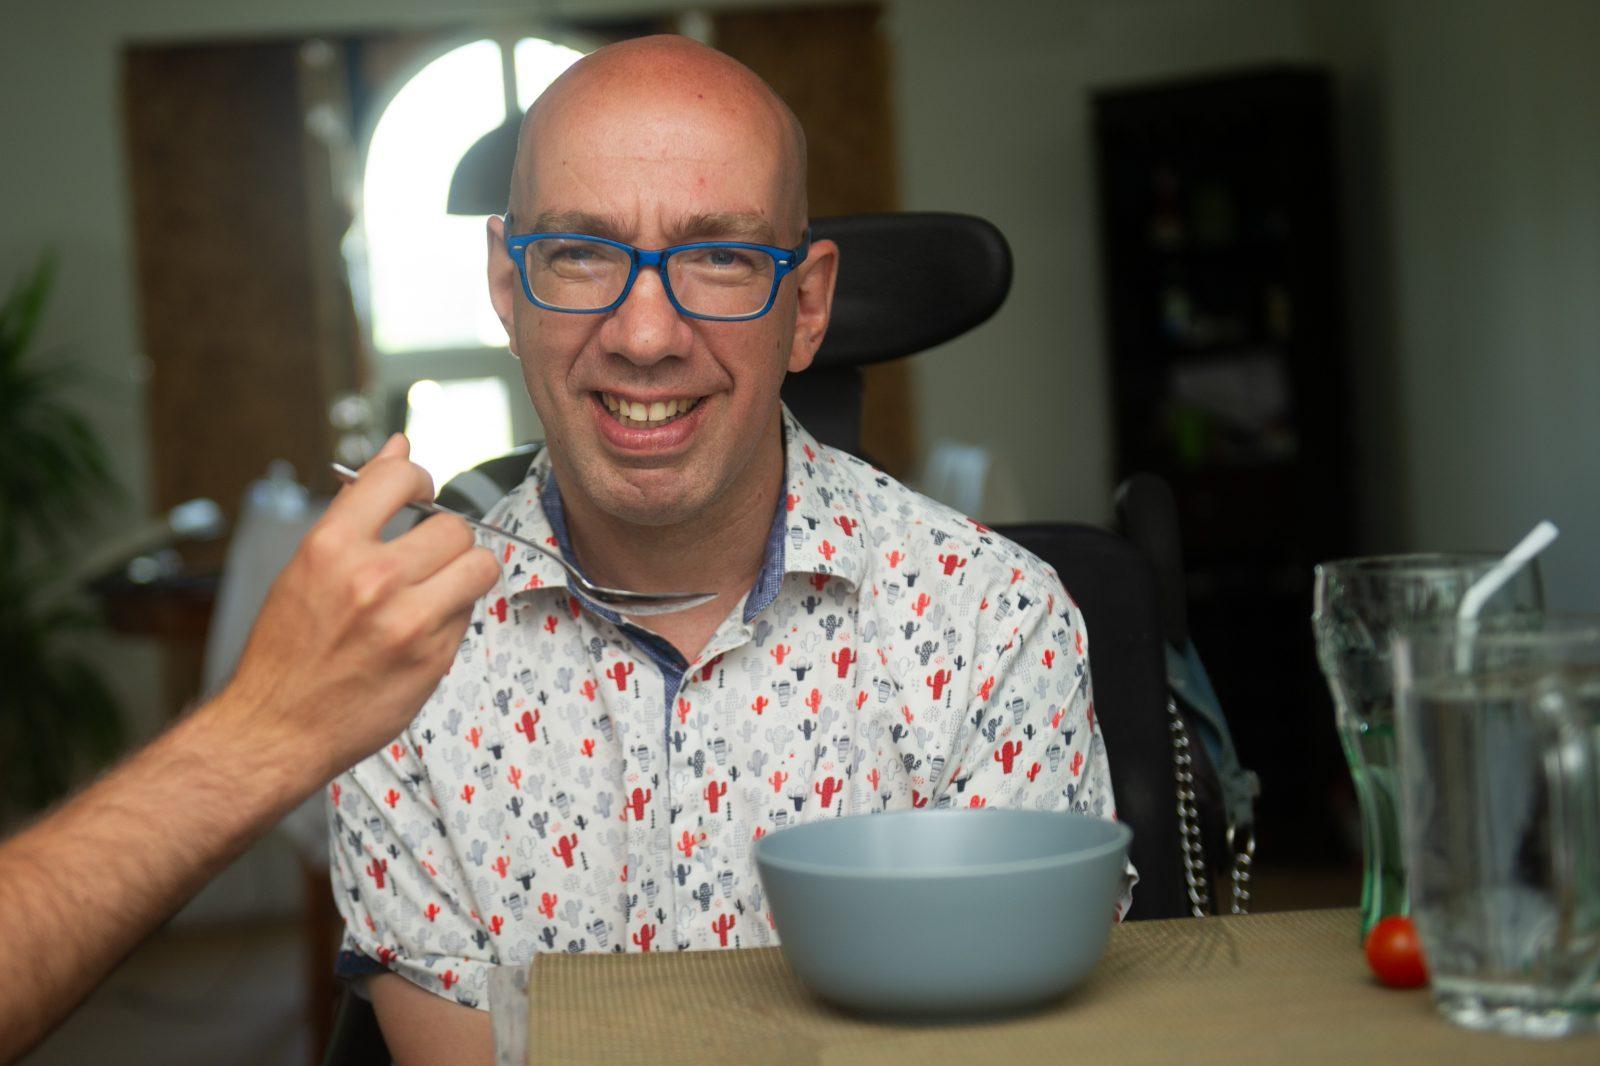 Soins à domicile : Sébastien Lepage mène un combat pour tous les bénéficiaires